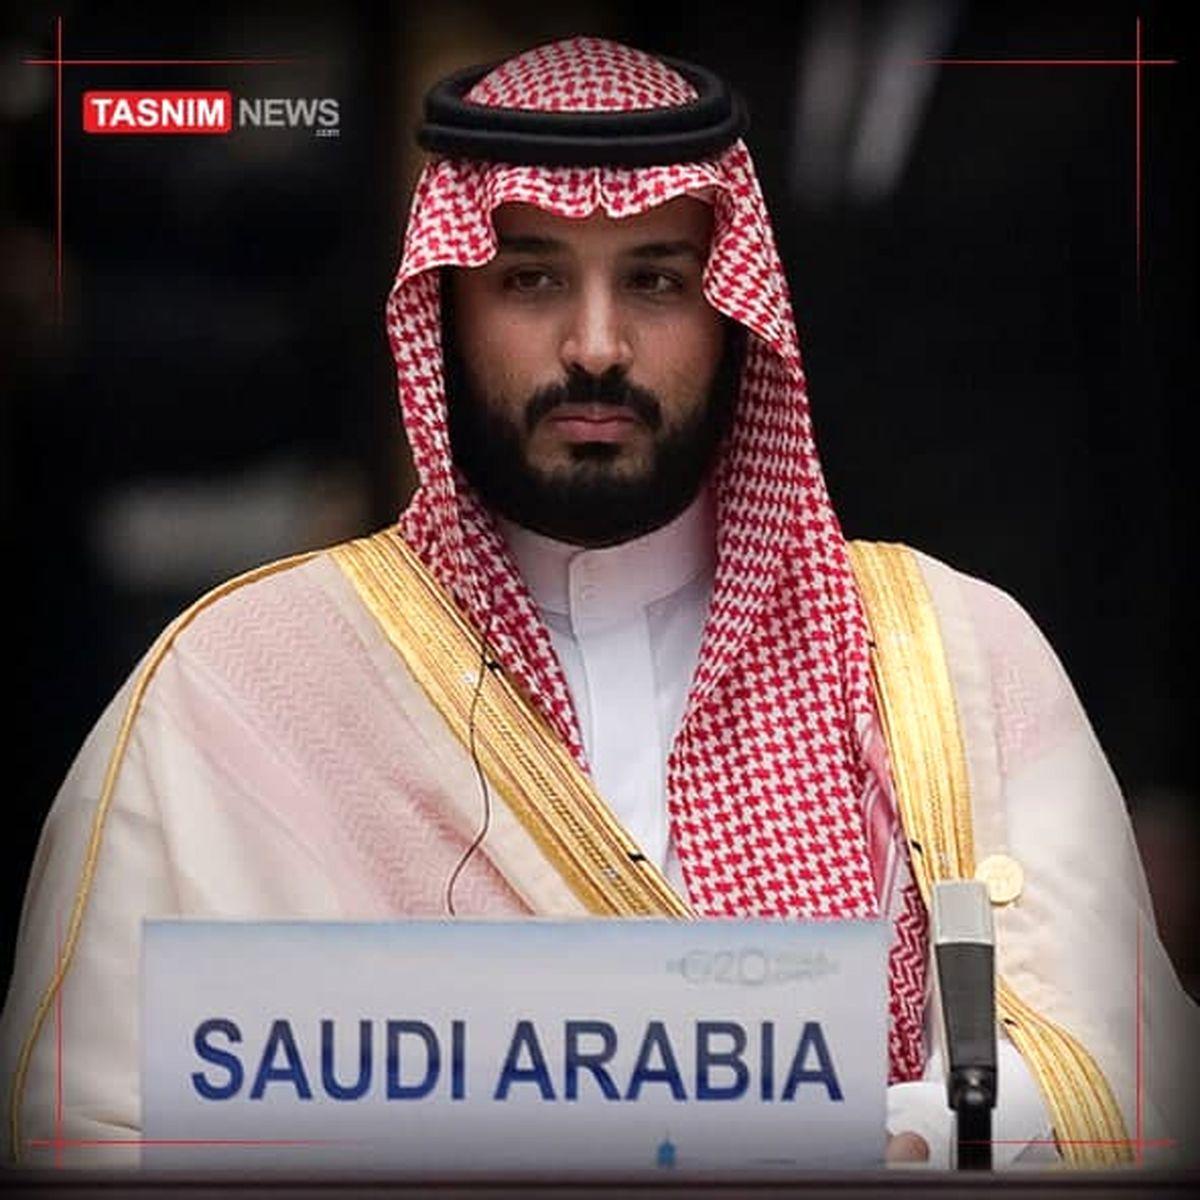 بنسلمان نگران از بیتوجهی بایدن و کودتای شاهزادگان